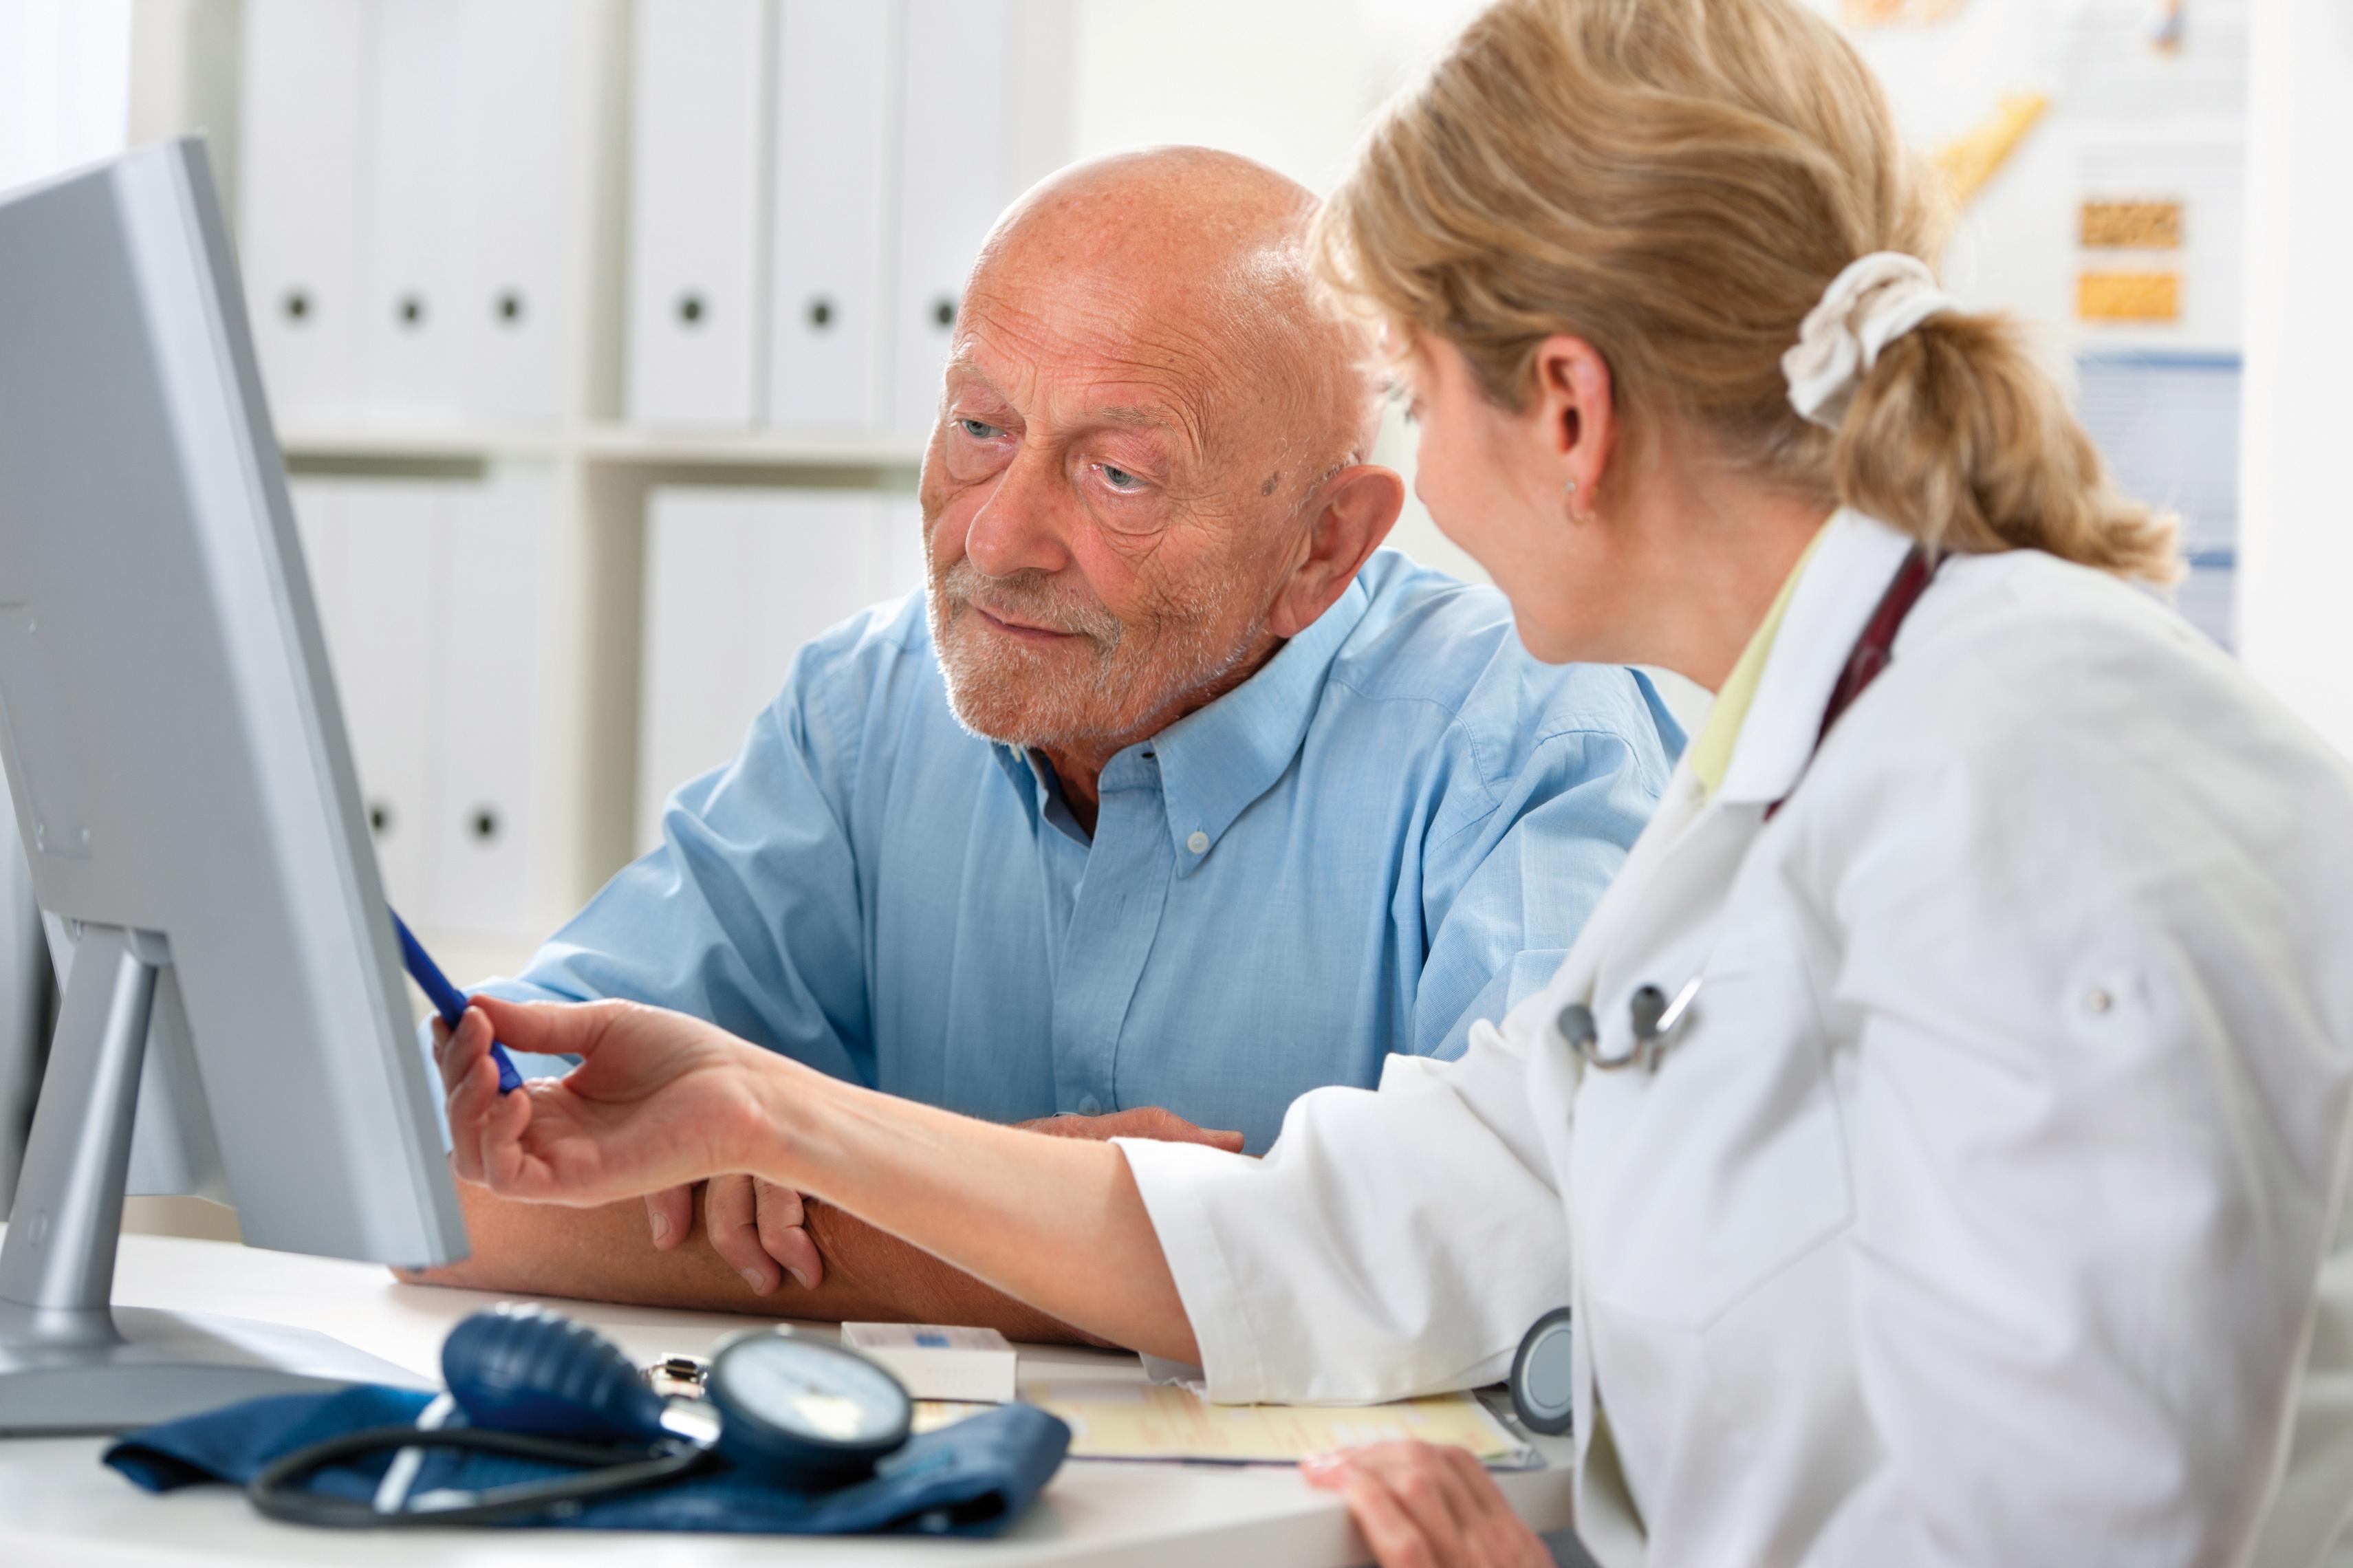 Eine Ärztin zeigt einem älteren Herren etwas auf dem Computer